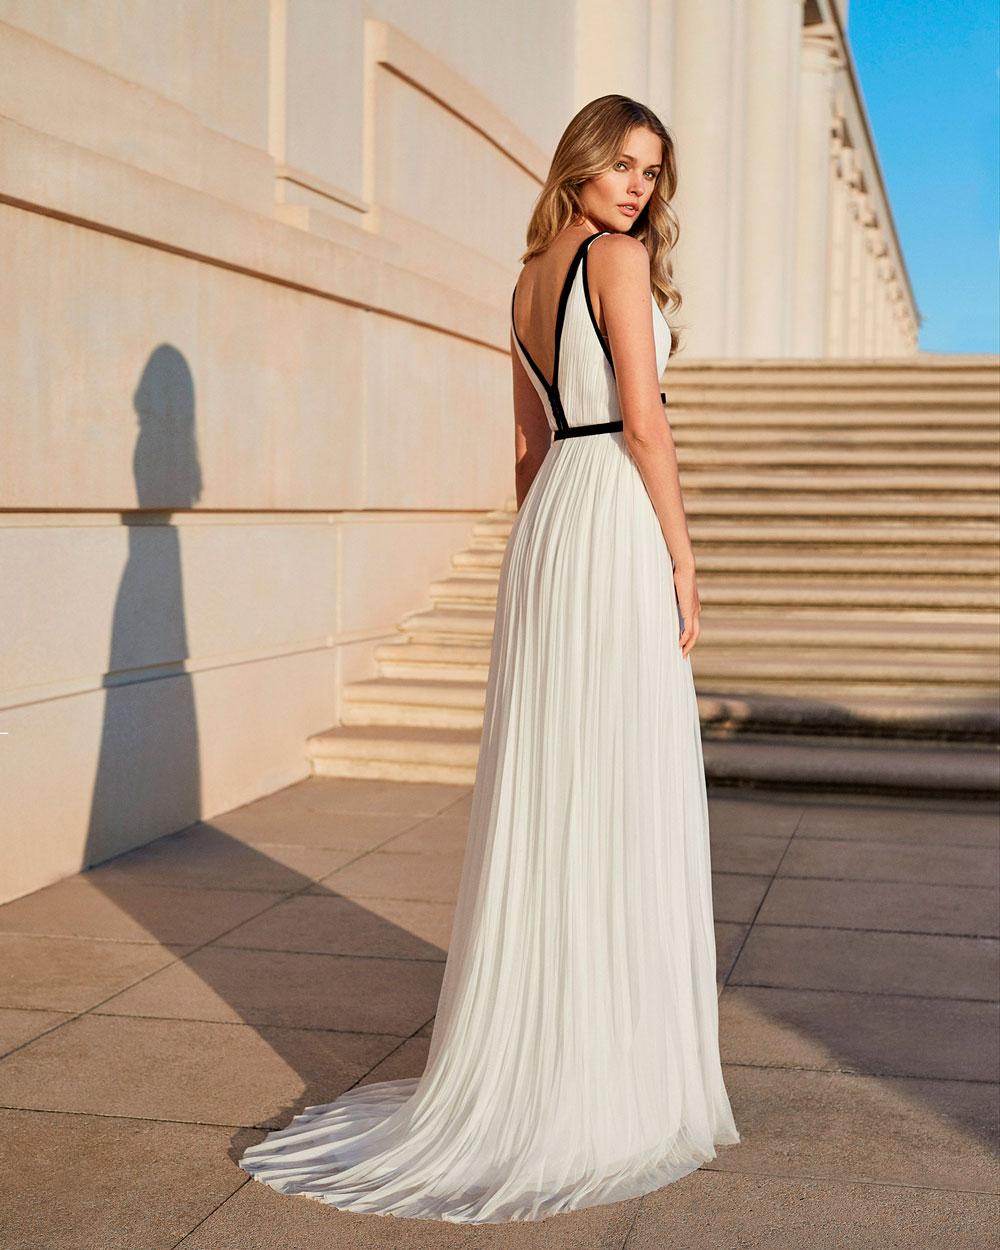 vestido de fiesta 2020 4T120 ROSA CLARA COCKTAIL 2